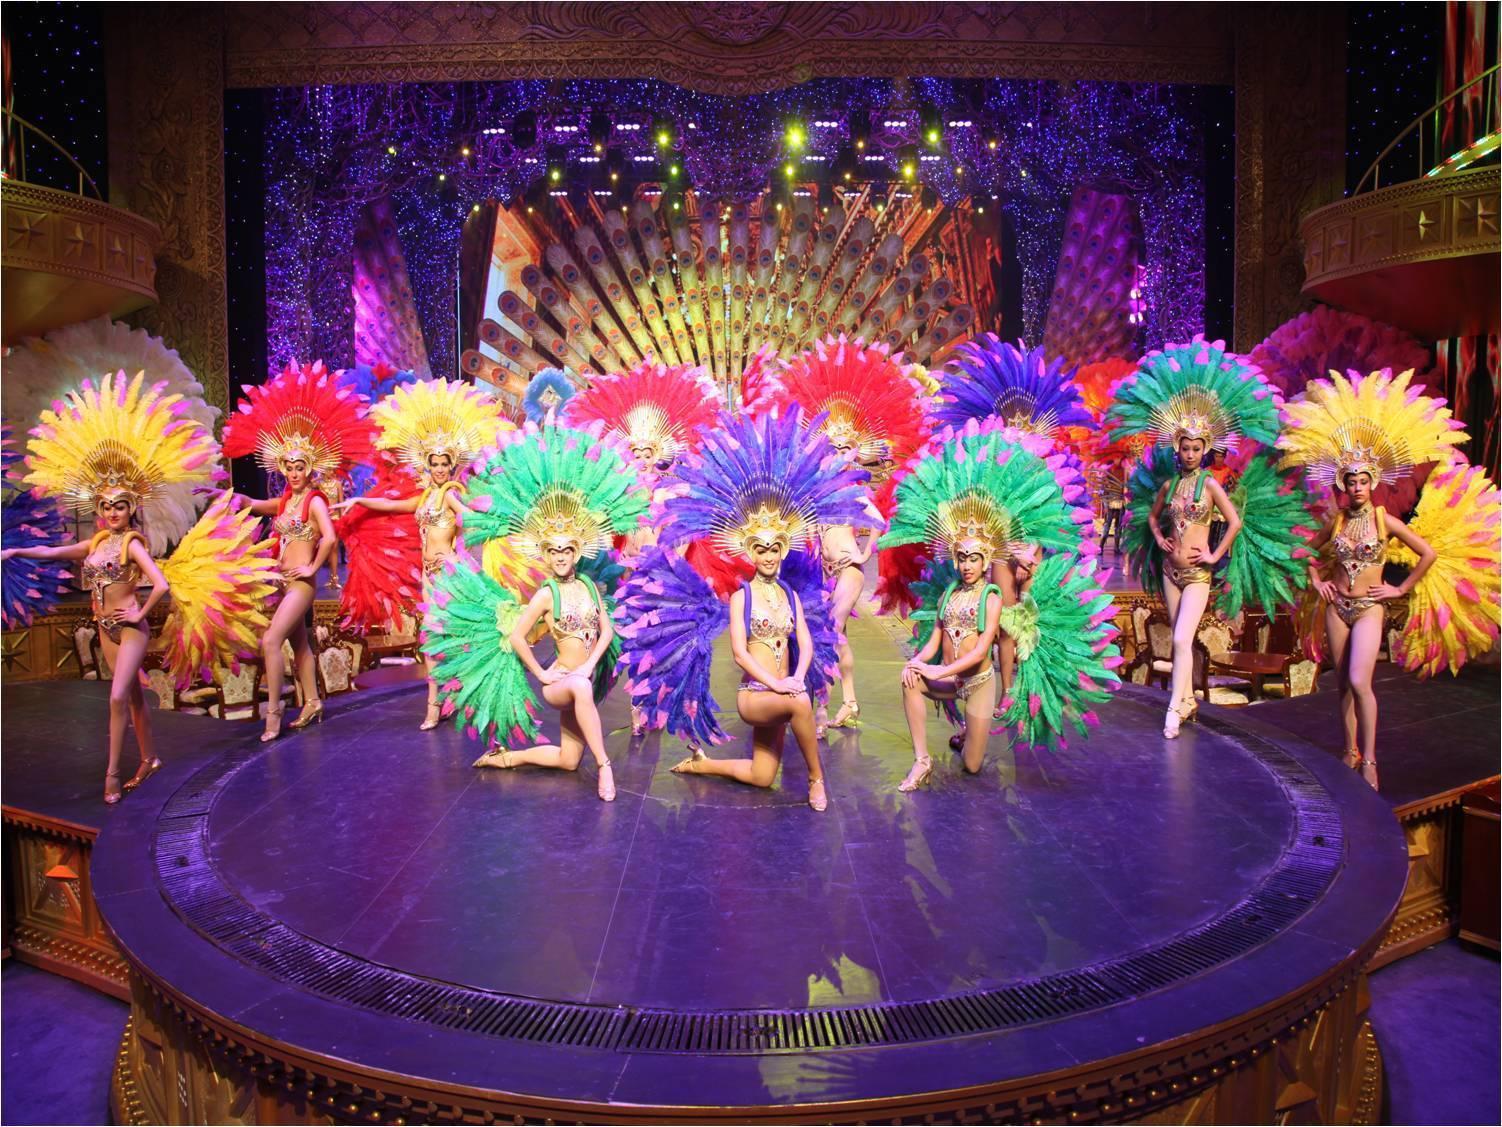 海南三亚美丽之冠 三亚美丽之冠大剧院【宴会 演出套票】美丽之冠